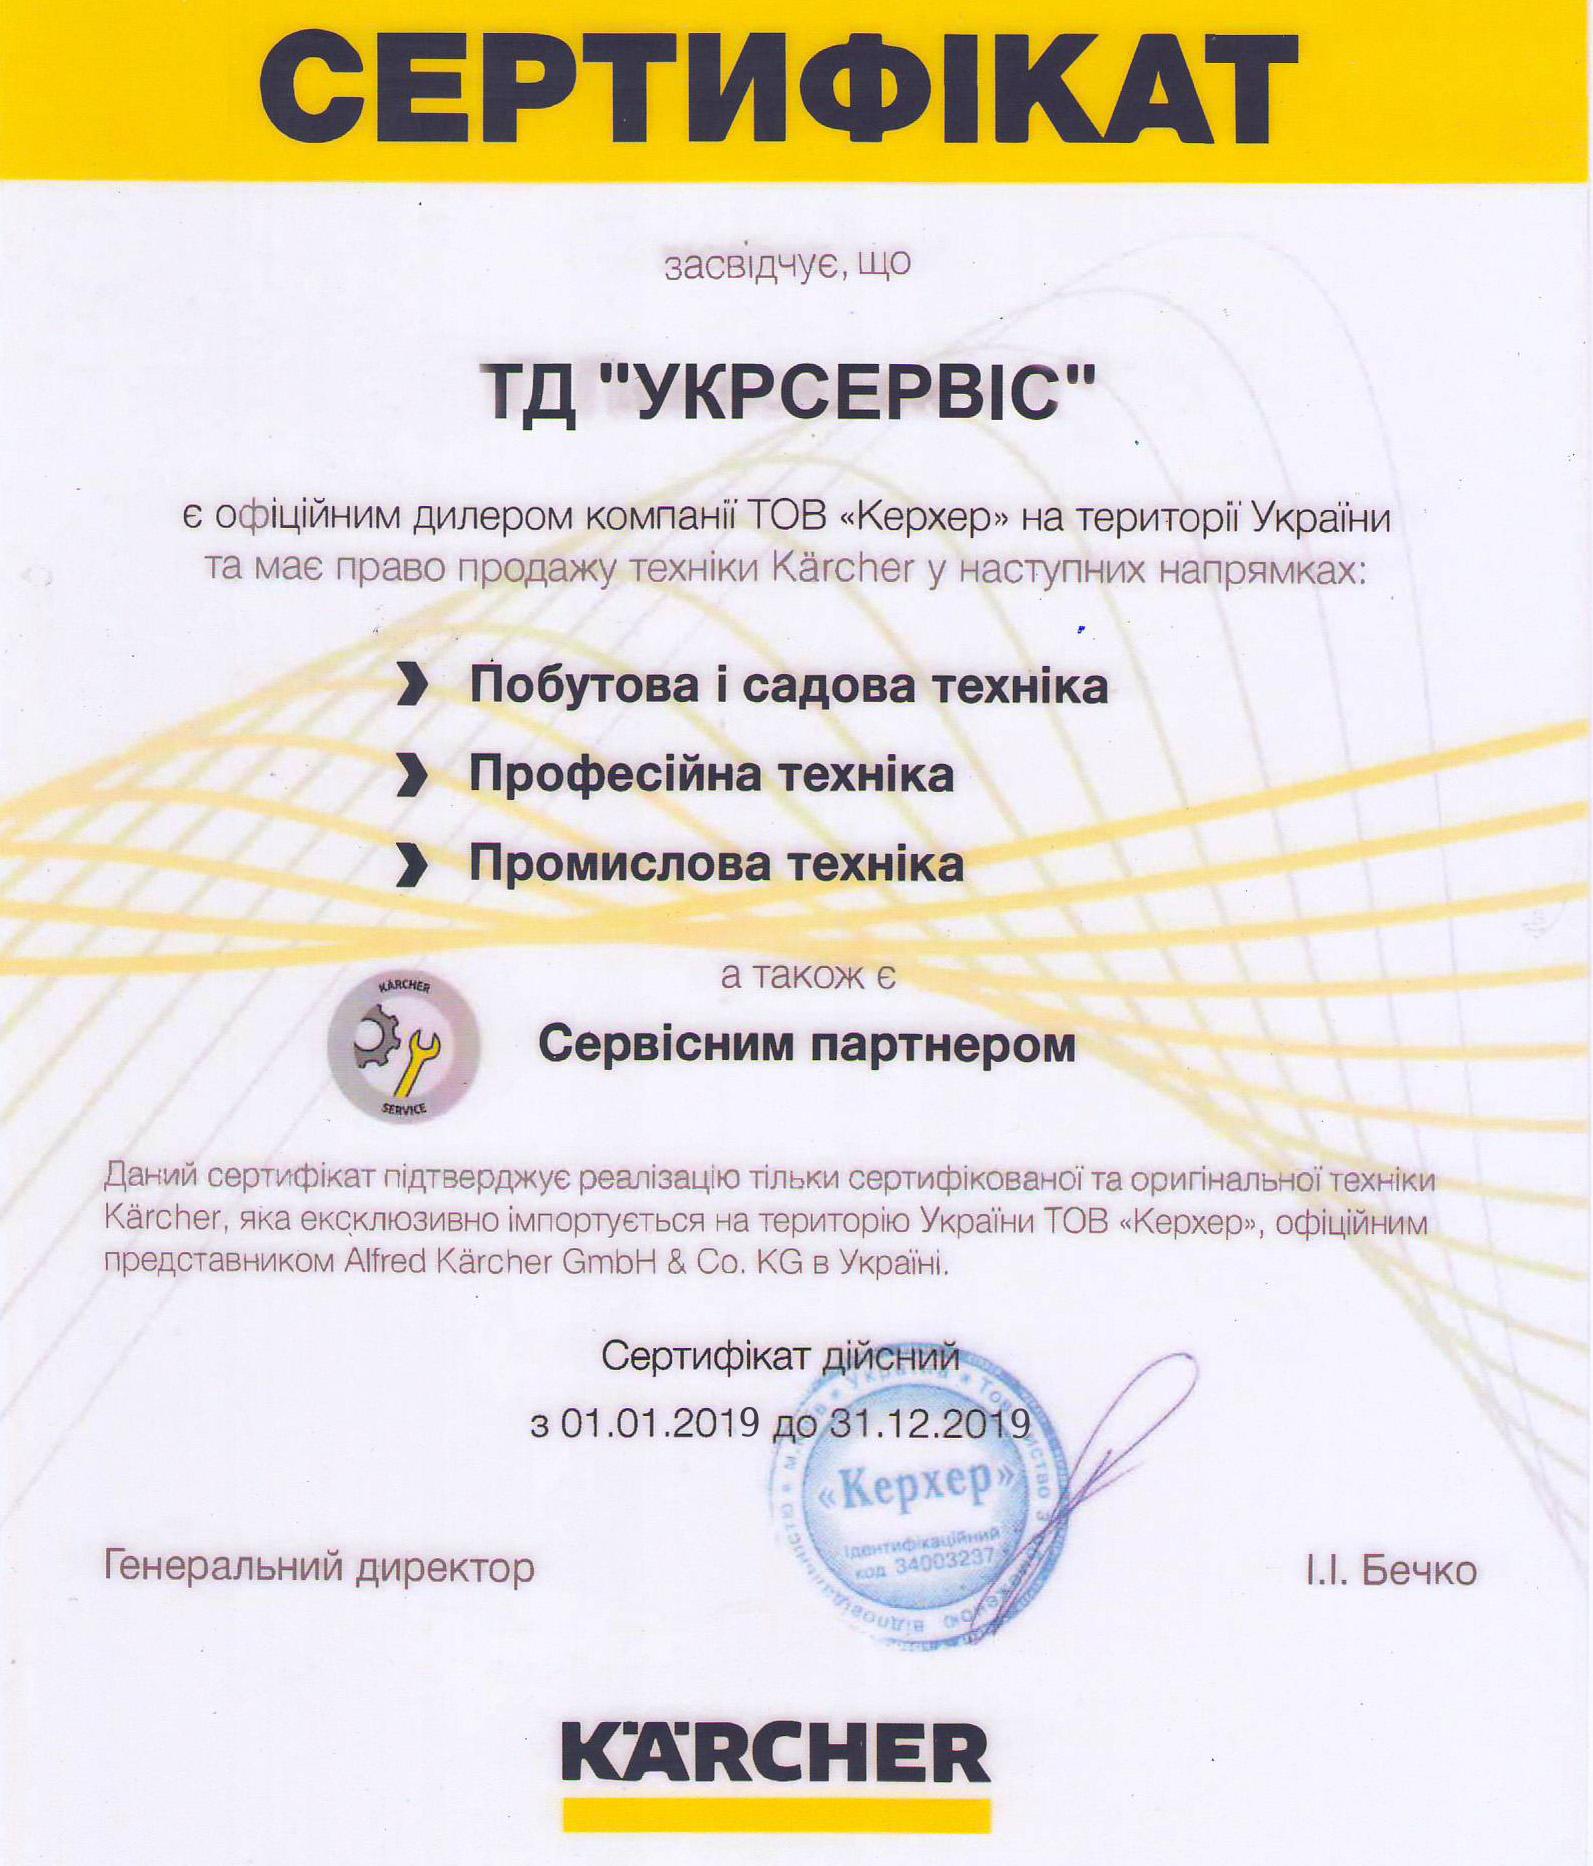 Сертификат диллерства Укрсервис от ТОВ KARCHER